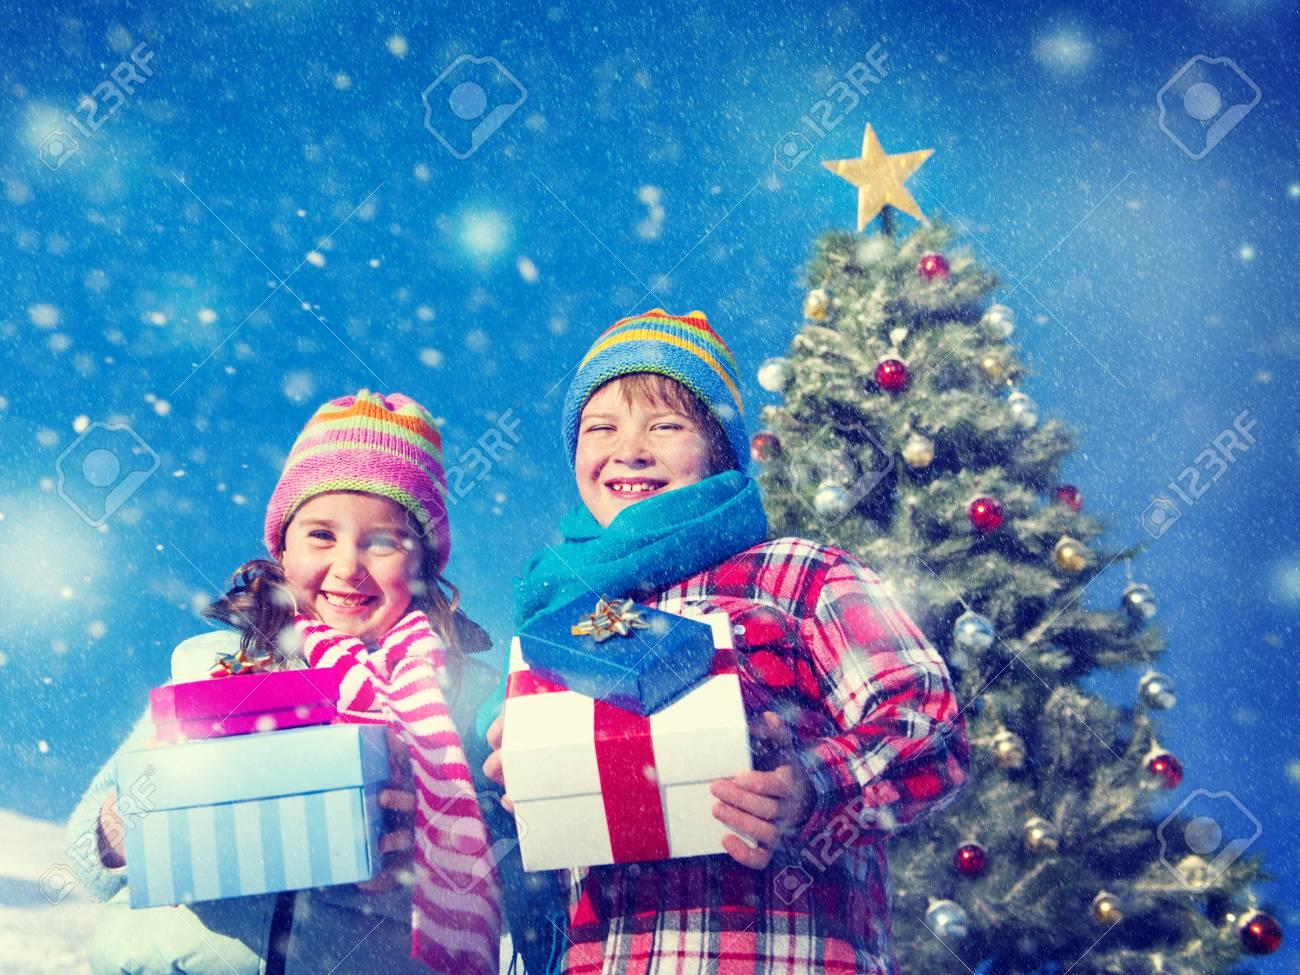 Weihnachten Kinder Geschenke Gluck Feier Schnee Konzept Lizenzfreie